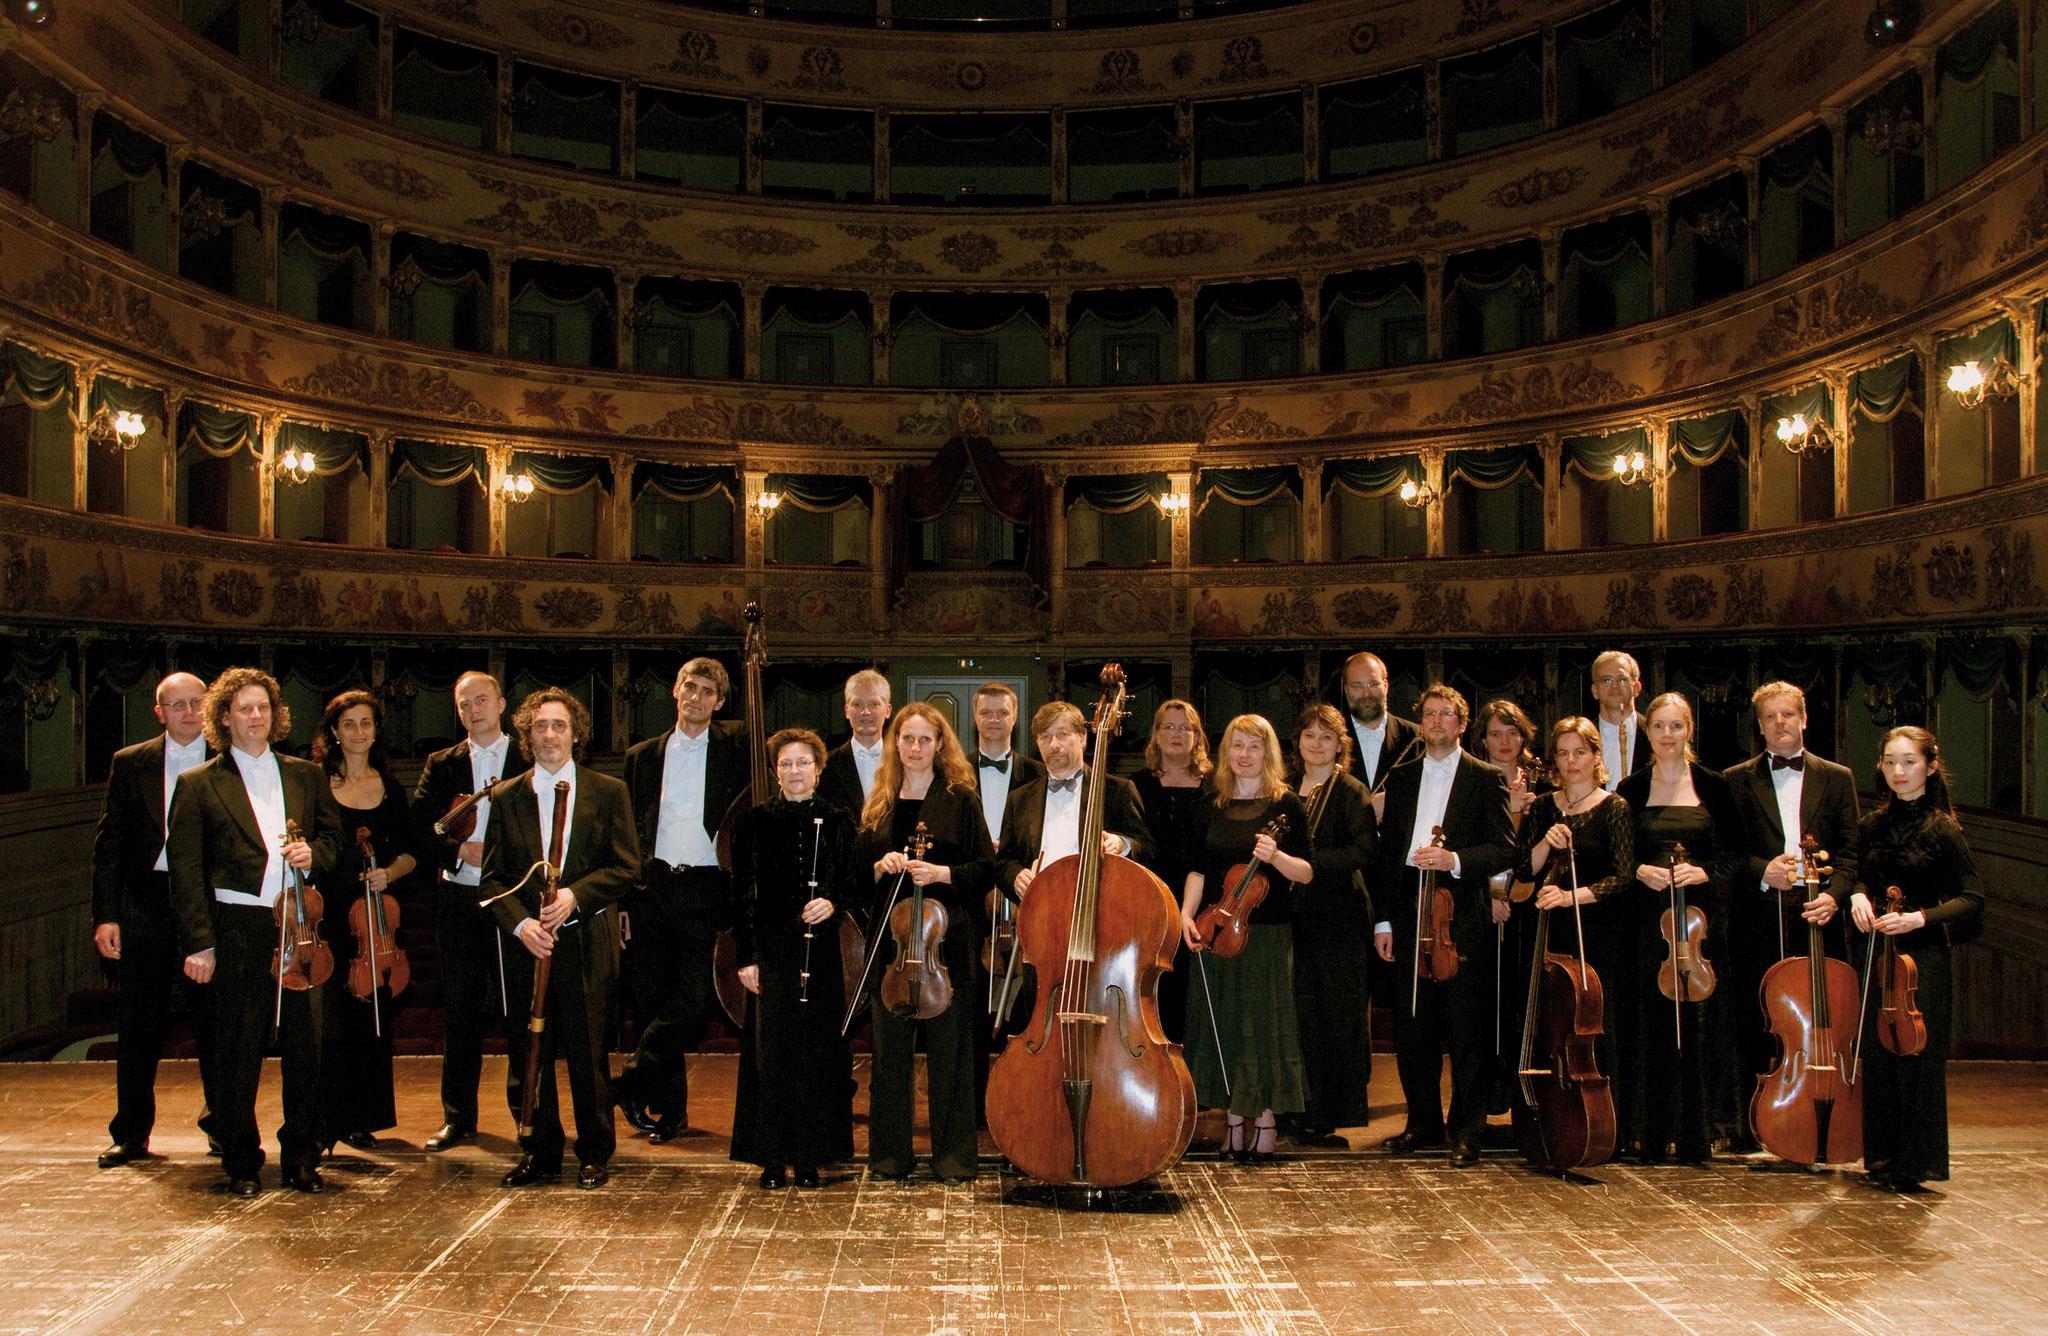 Concerto Koln